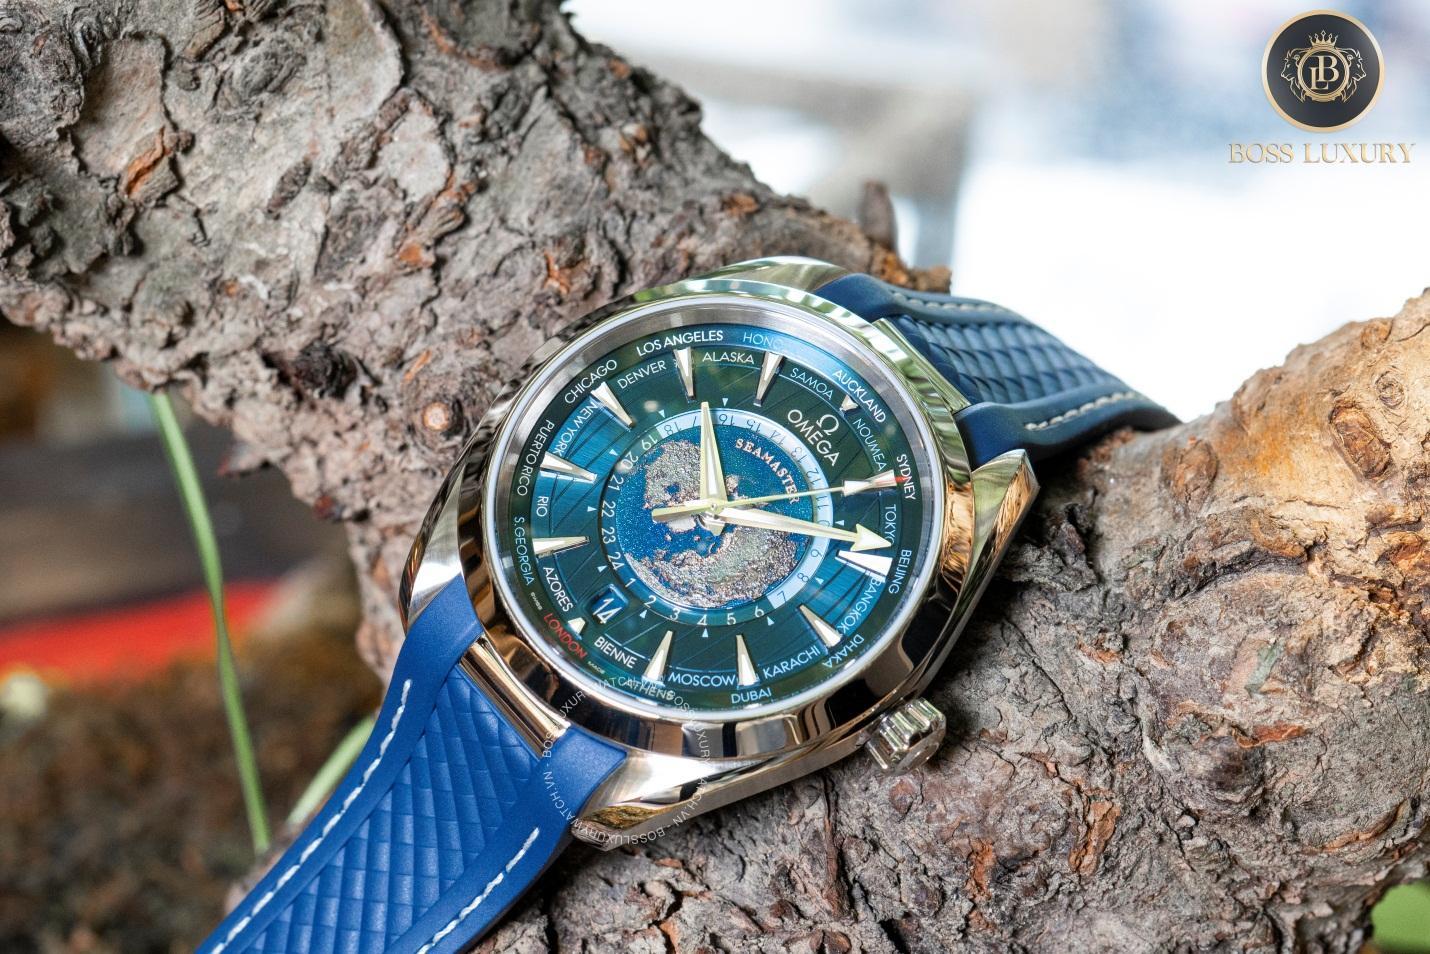 Boss Luxury mách bạn 5 mẫu đồng hồ nam tuyệt đẹp theo từng phong cách - Ảnh 3